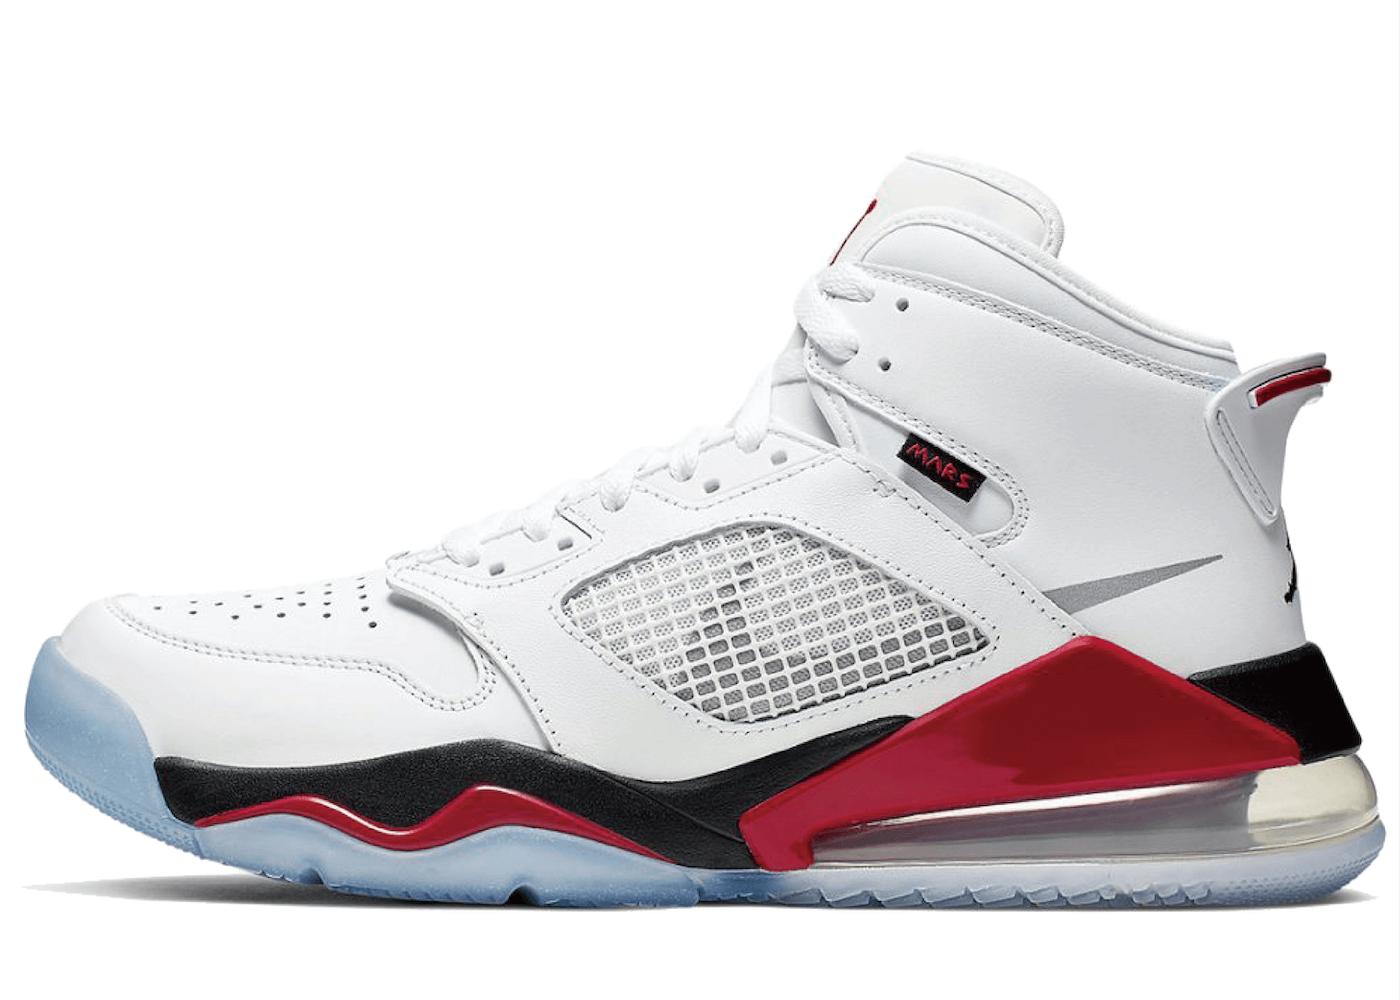 Nike Jordan Mars 270 White Fire Redの写真